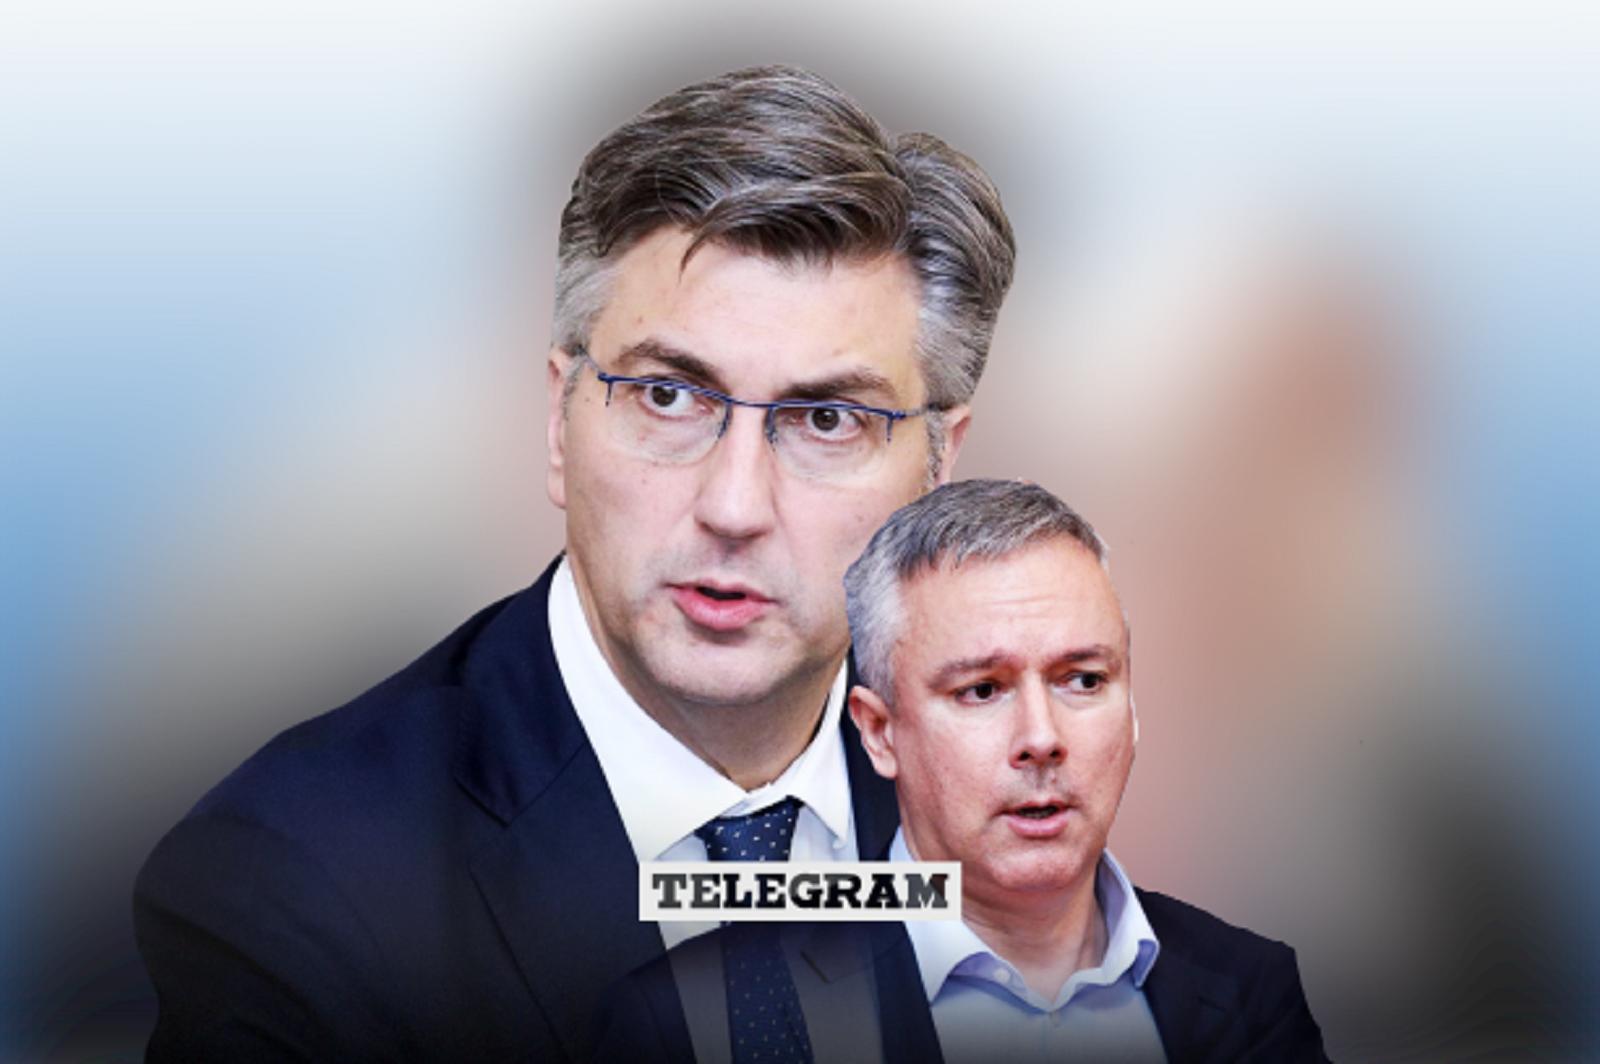 HSLS bi mogao opet raskinuti s HDZ-om godinu dana prije izbora. Koliko se Plenković treba zabrinuti?